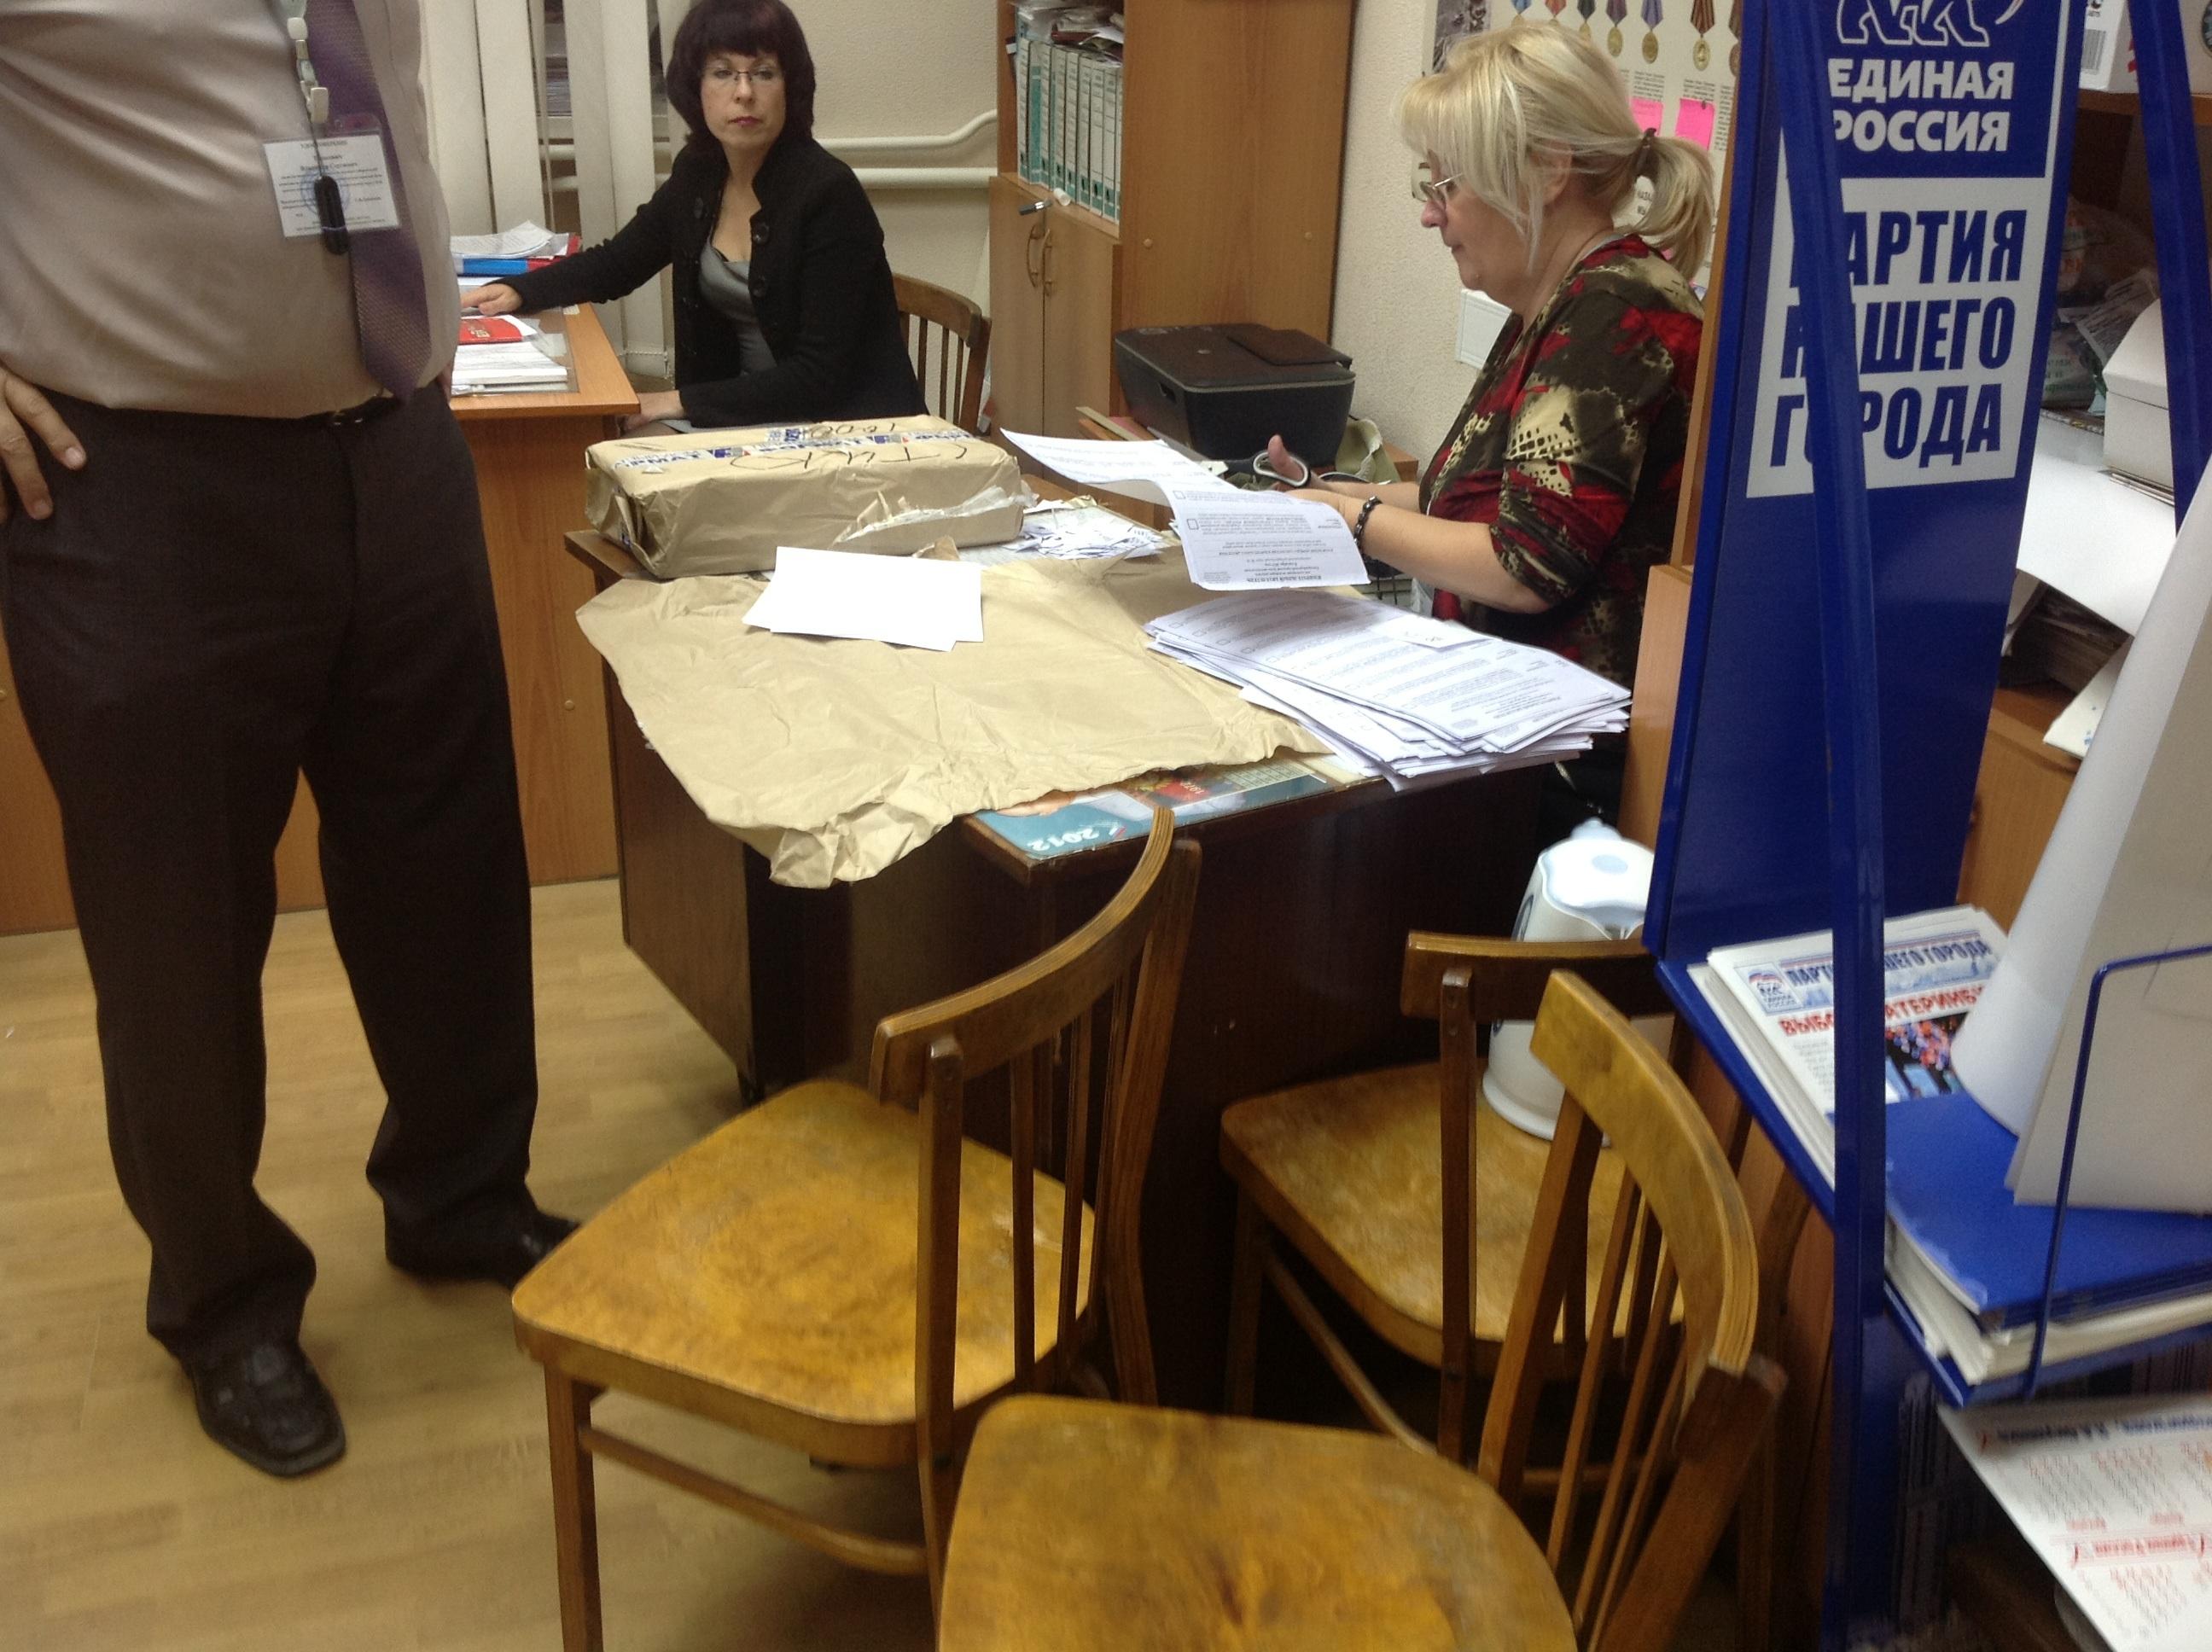 Следователи проверят заявления Артюха и Буркова о фальсификации выборов